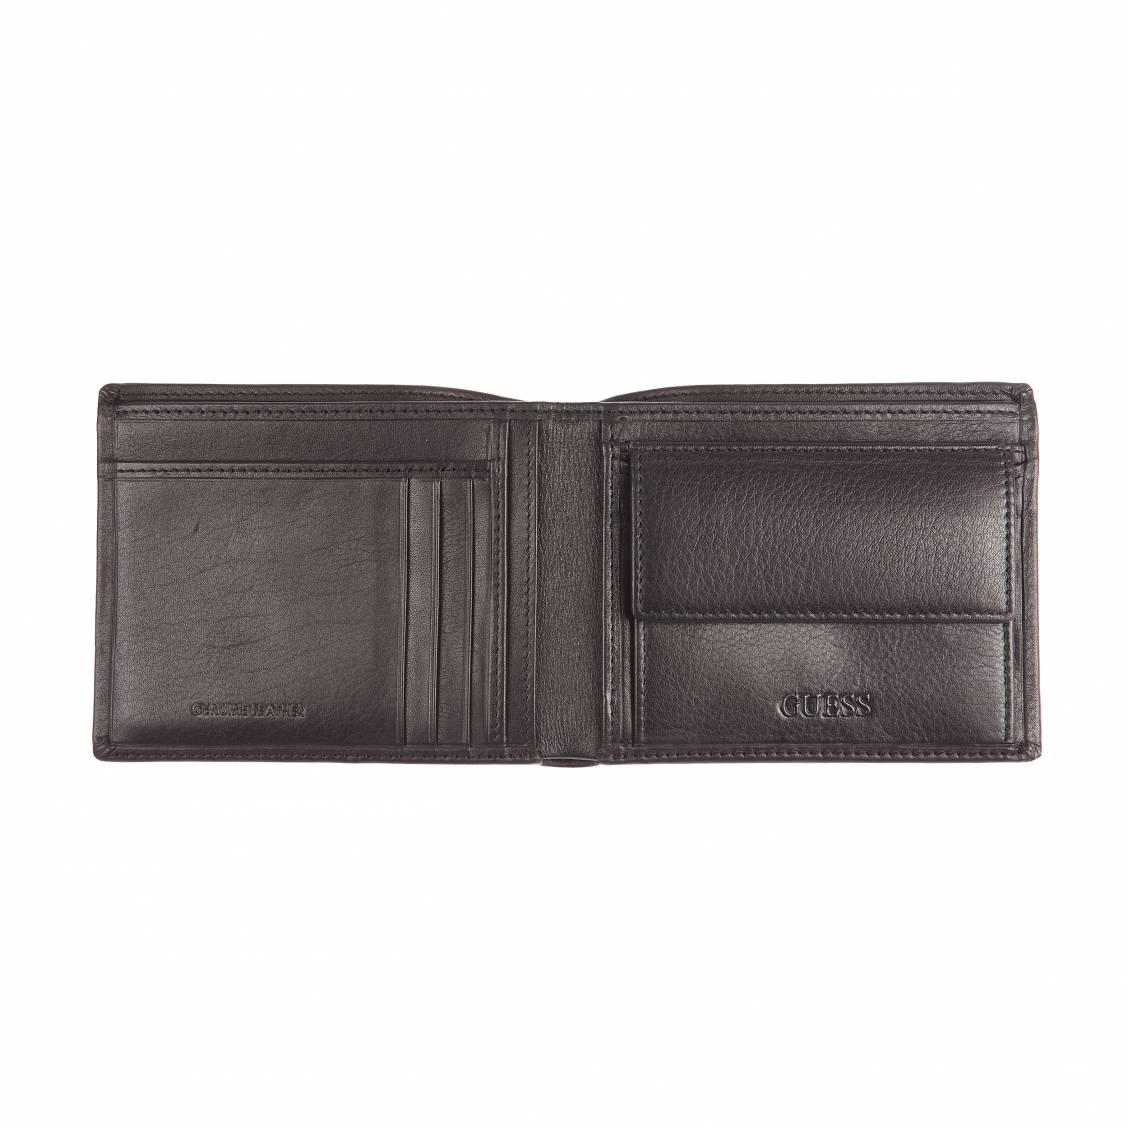 Portefeuille italien 2 volets Guess en cuir grainé noir à porte-monnaie Z0Brd